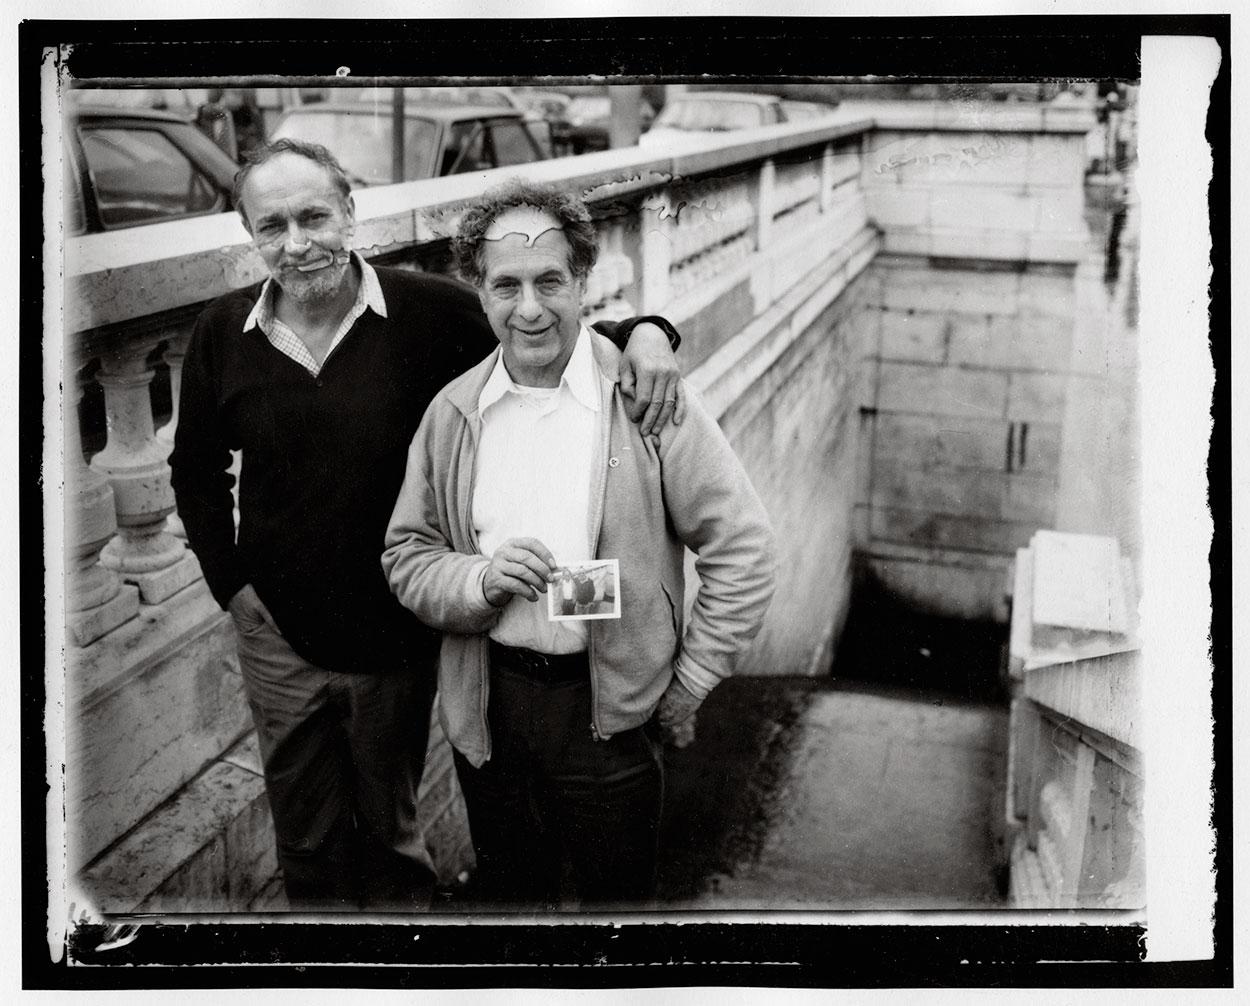 Robert-Delpire-Robert-Frank